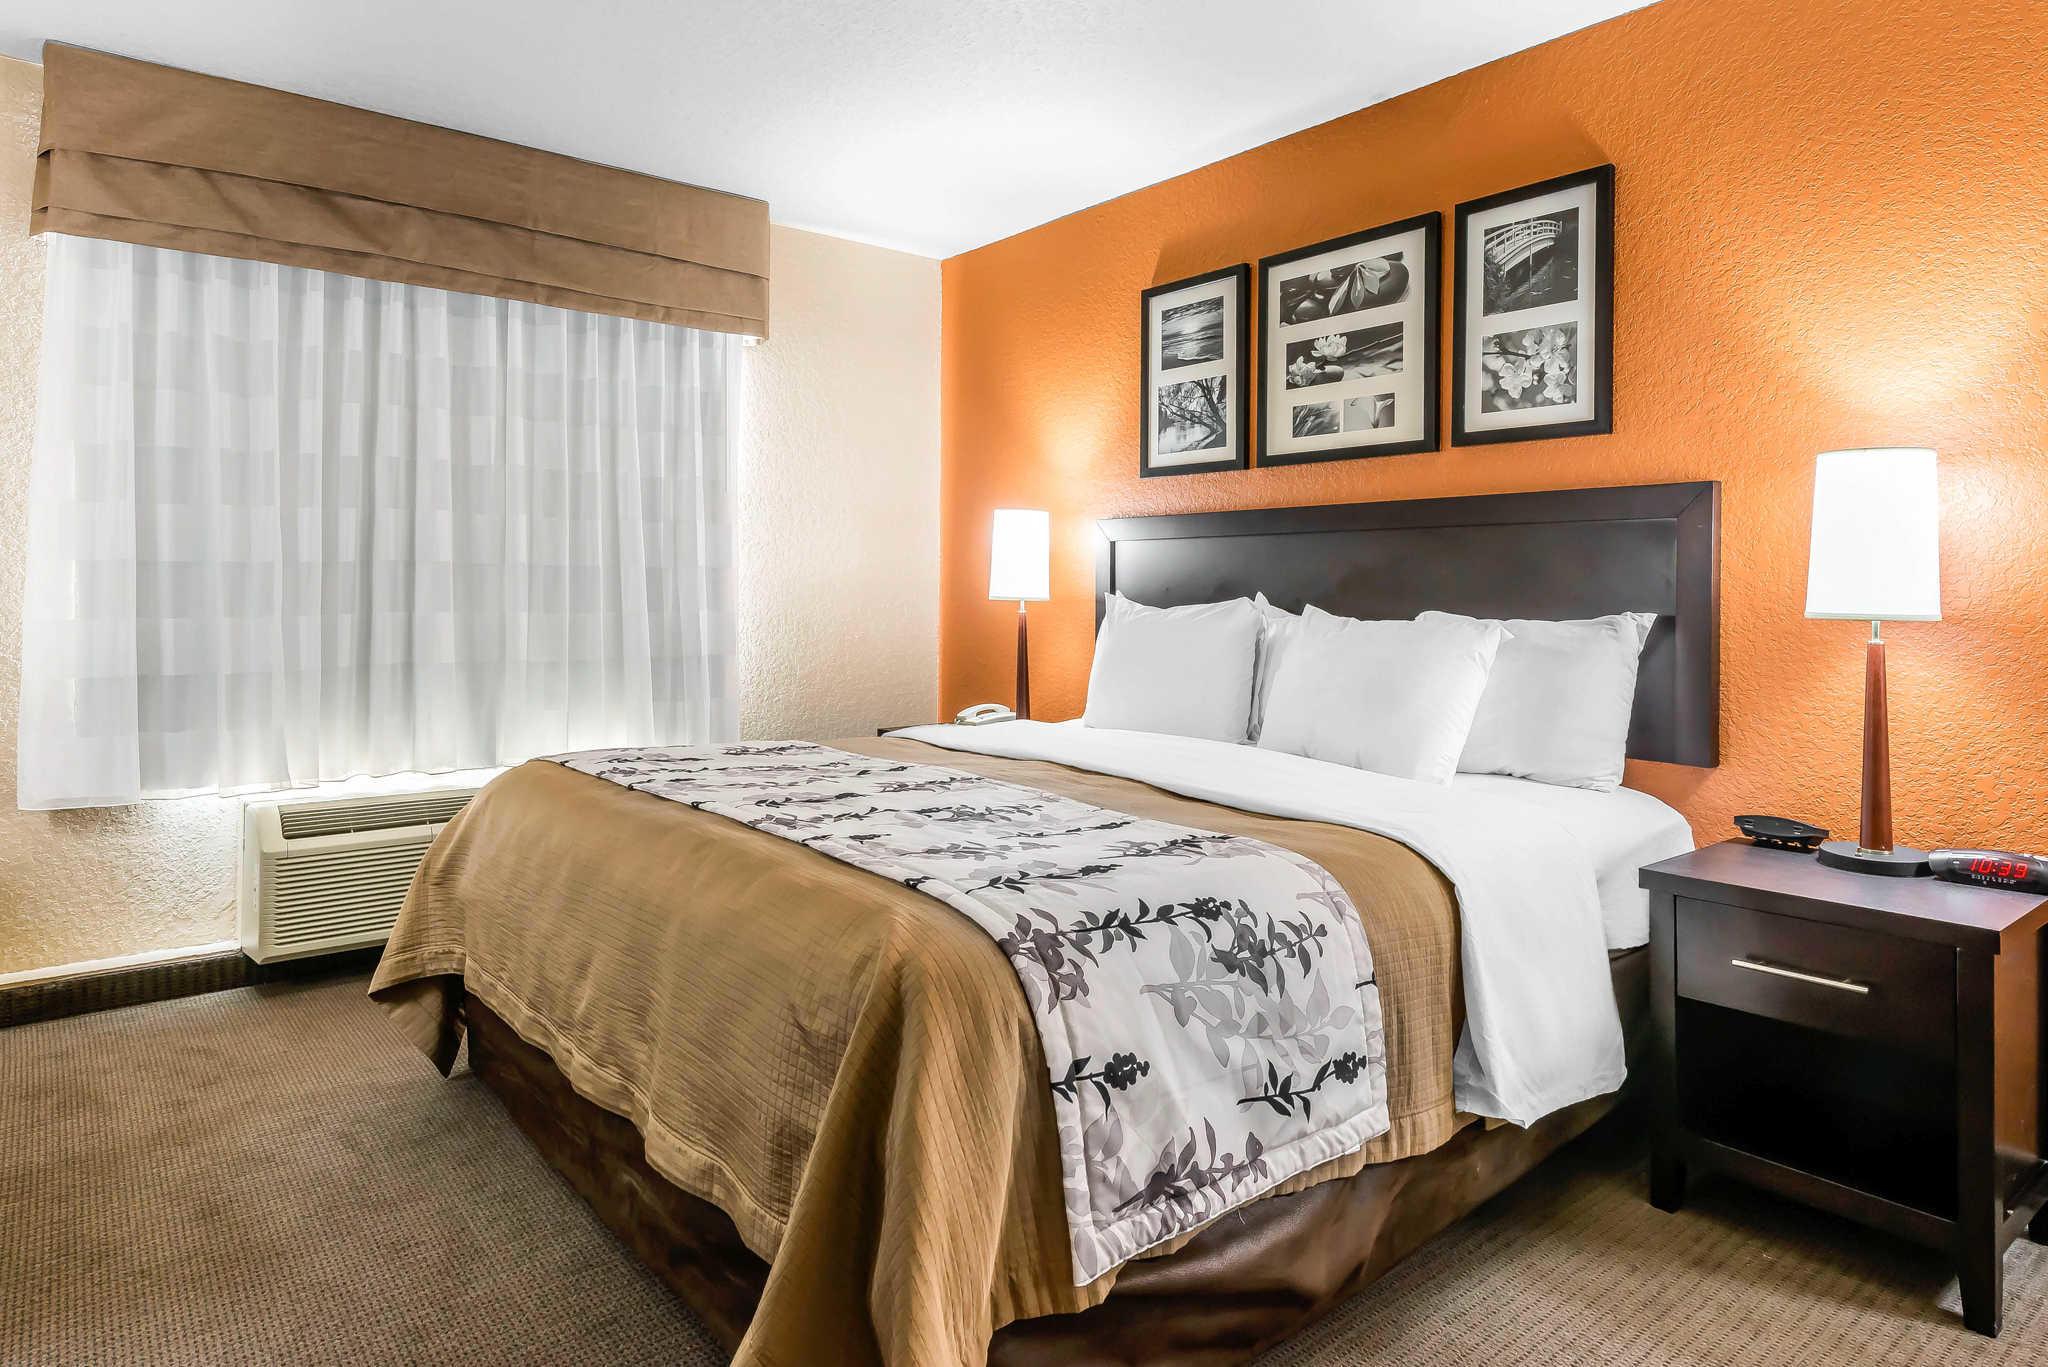 Sleep Inn & Suites Ocala - Belleview image 24